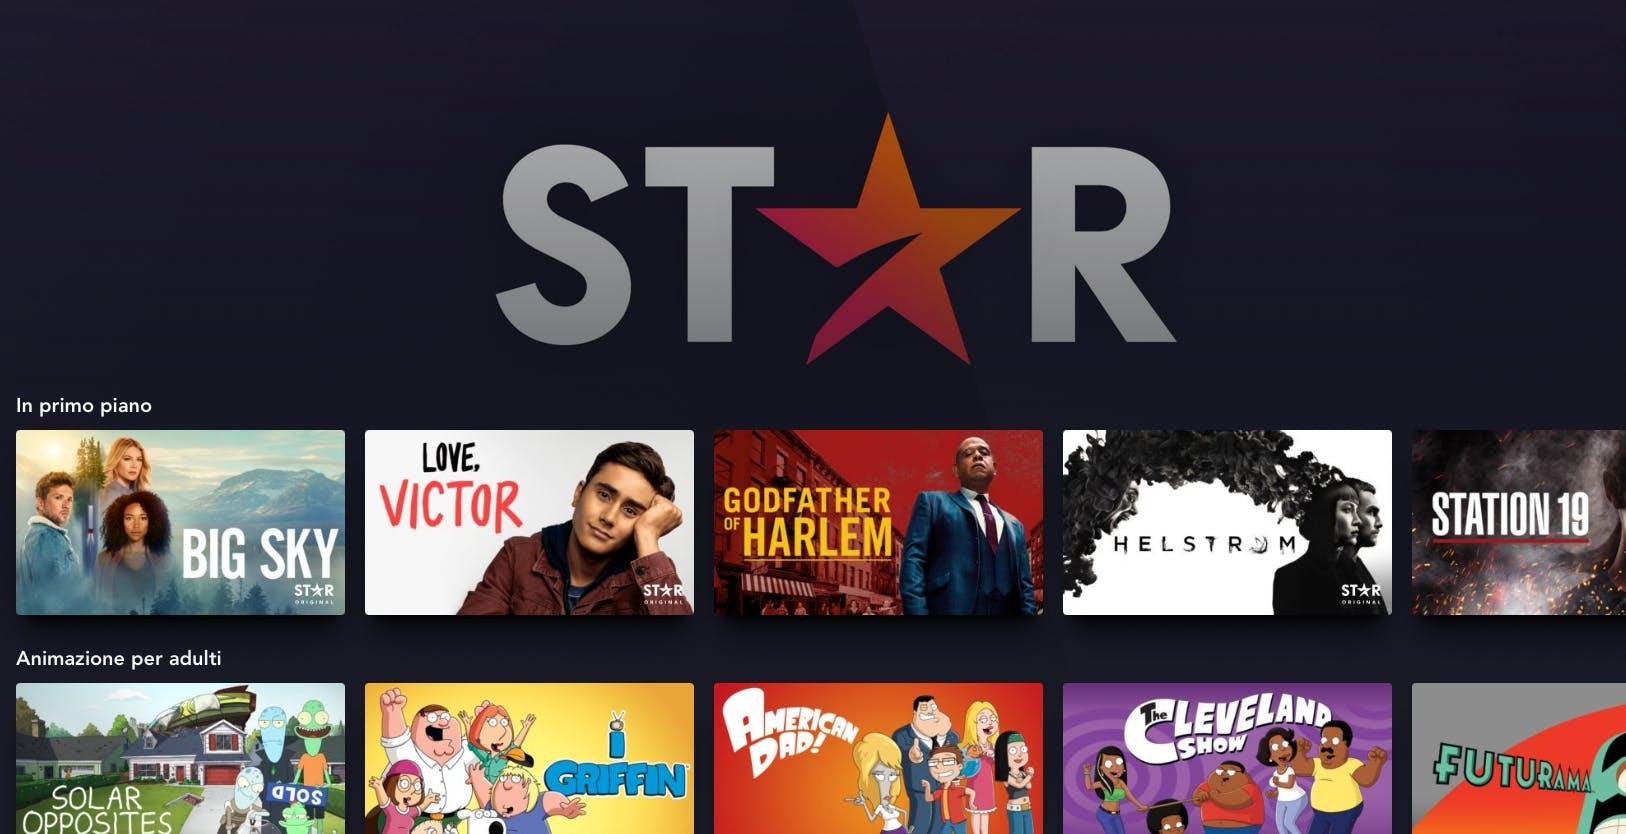 È arrivato STAR su Disney+ con contenuti in Ultra HD e HDR. La lista dei titoli in 4K